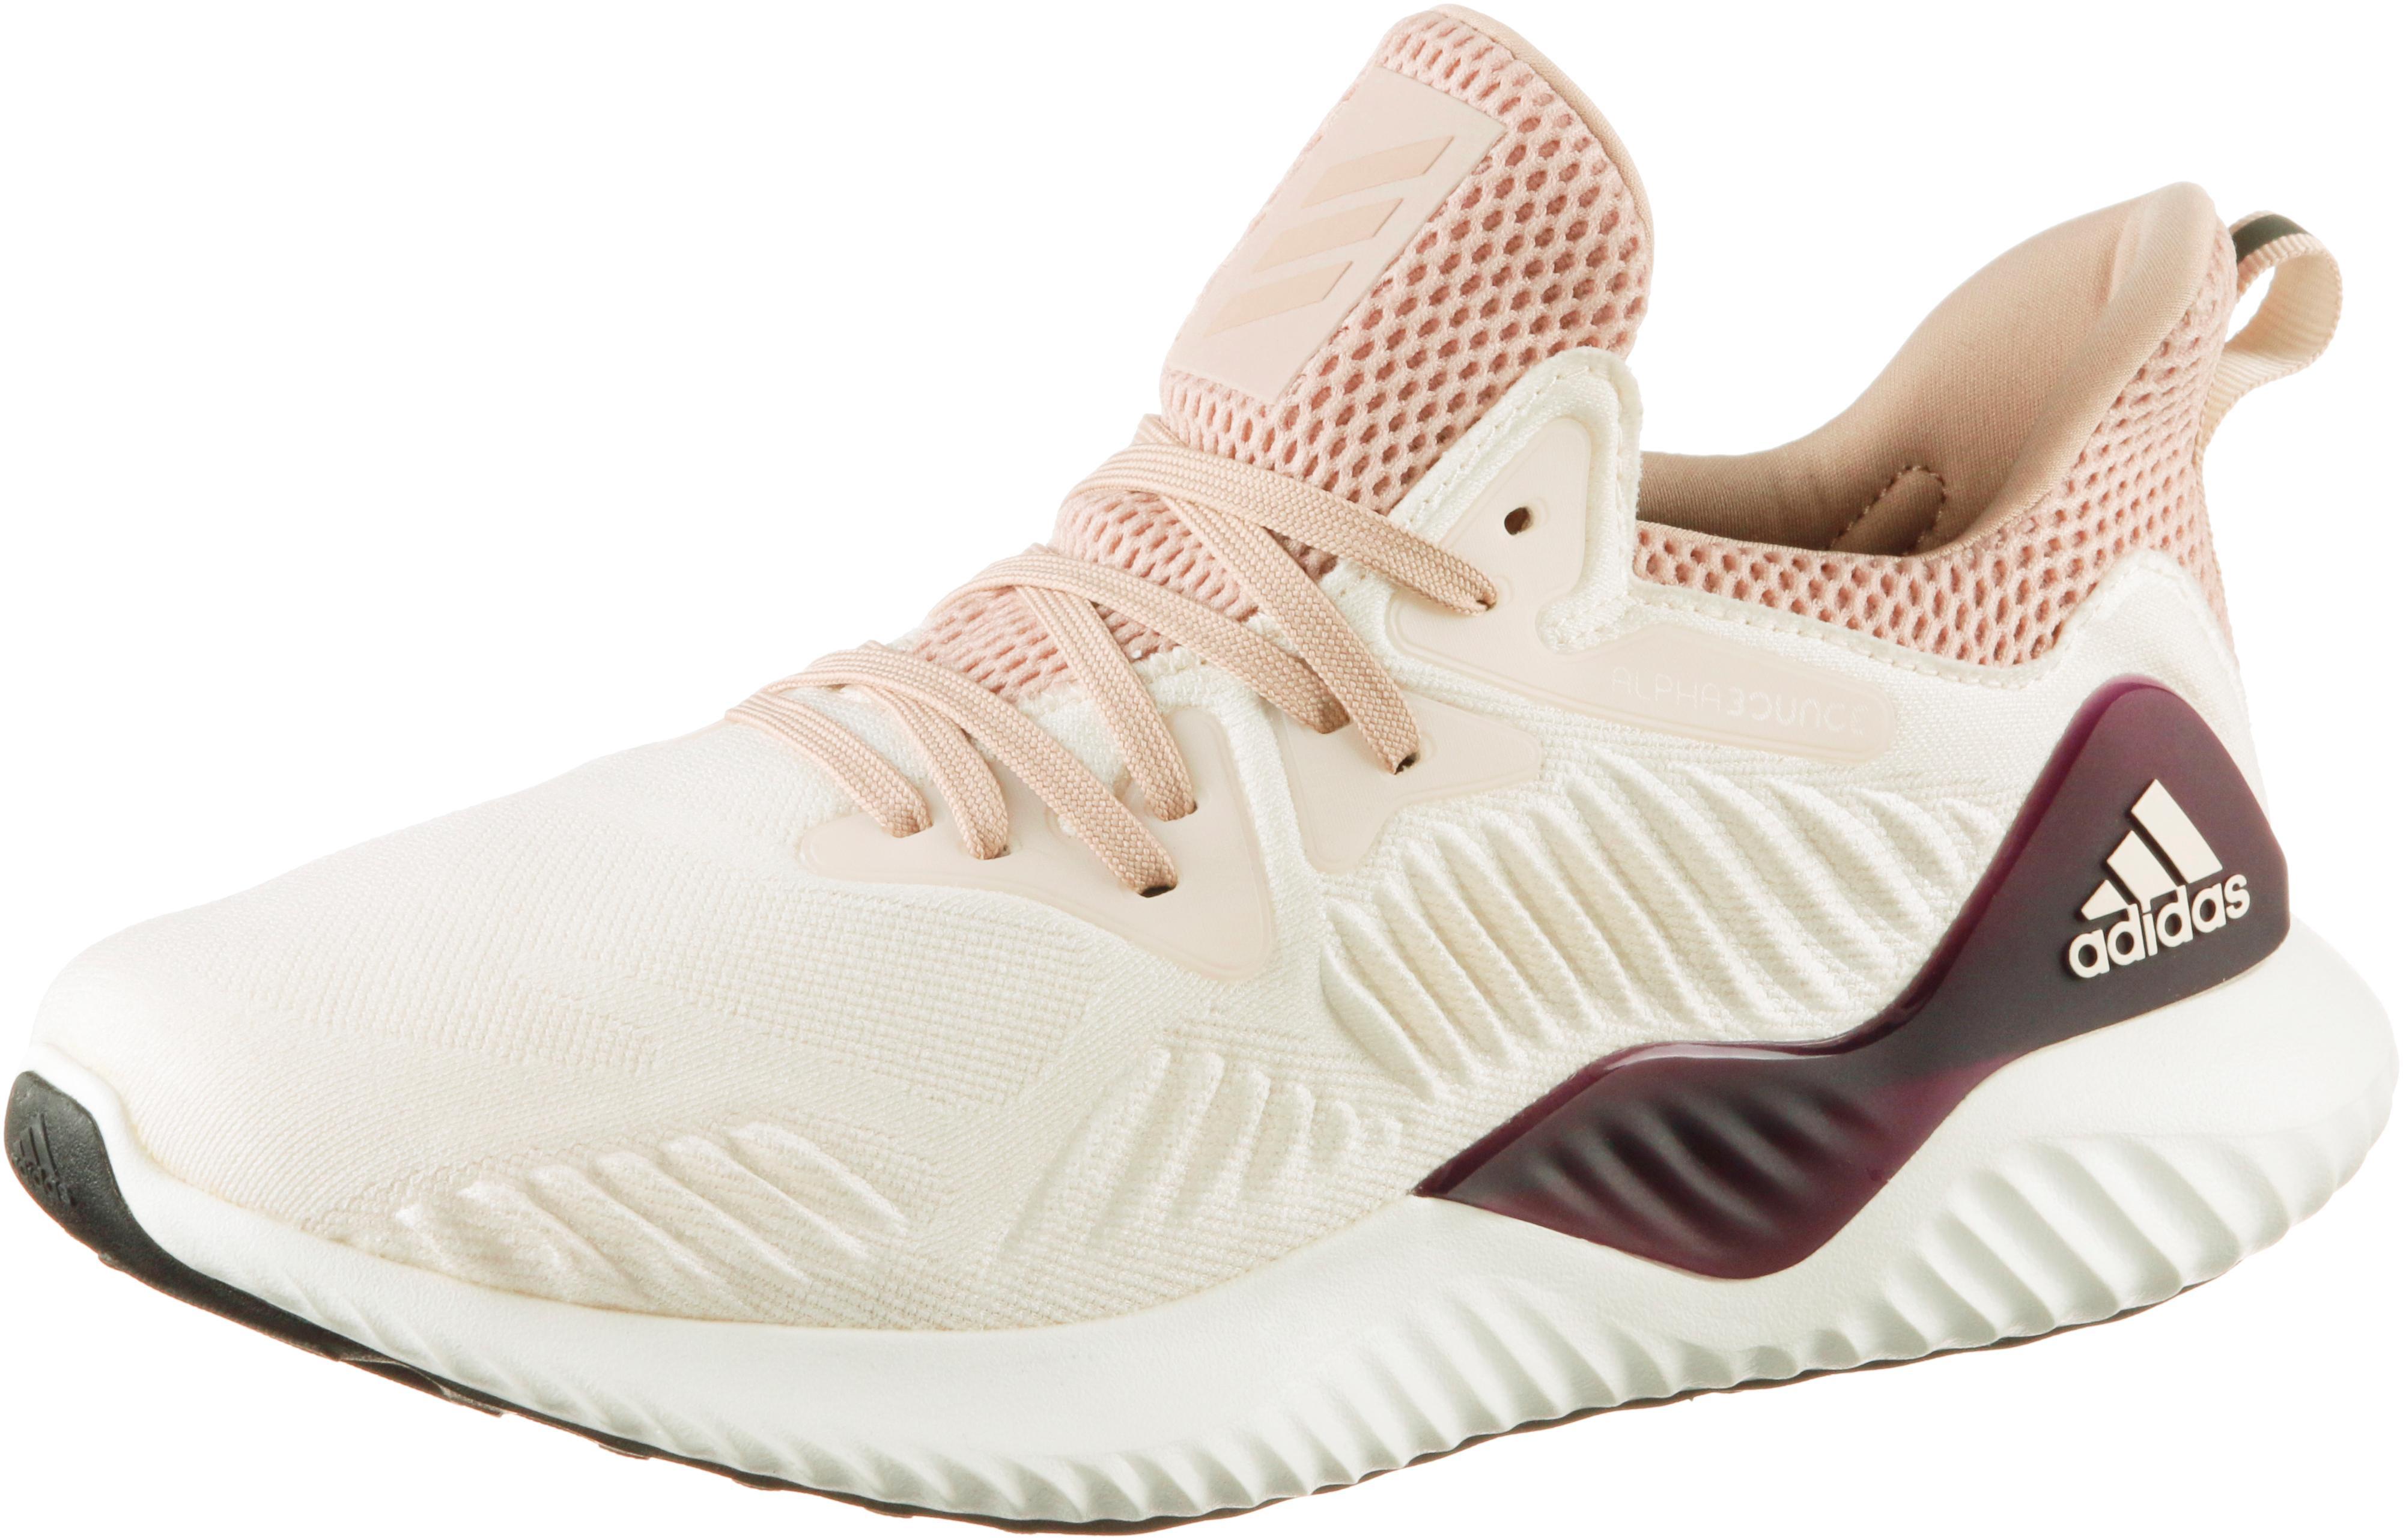 Adidas ALPHABOUNCE BEYOND Turnschuhe Damen noble indigo im Online Shop von SportScheck kaufen Gute Qualität beliebte Schuhe